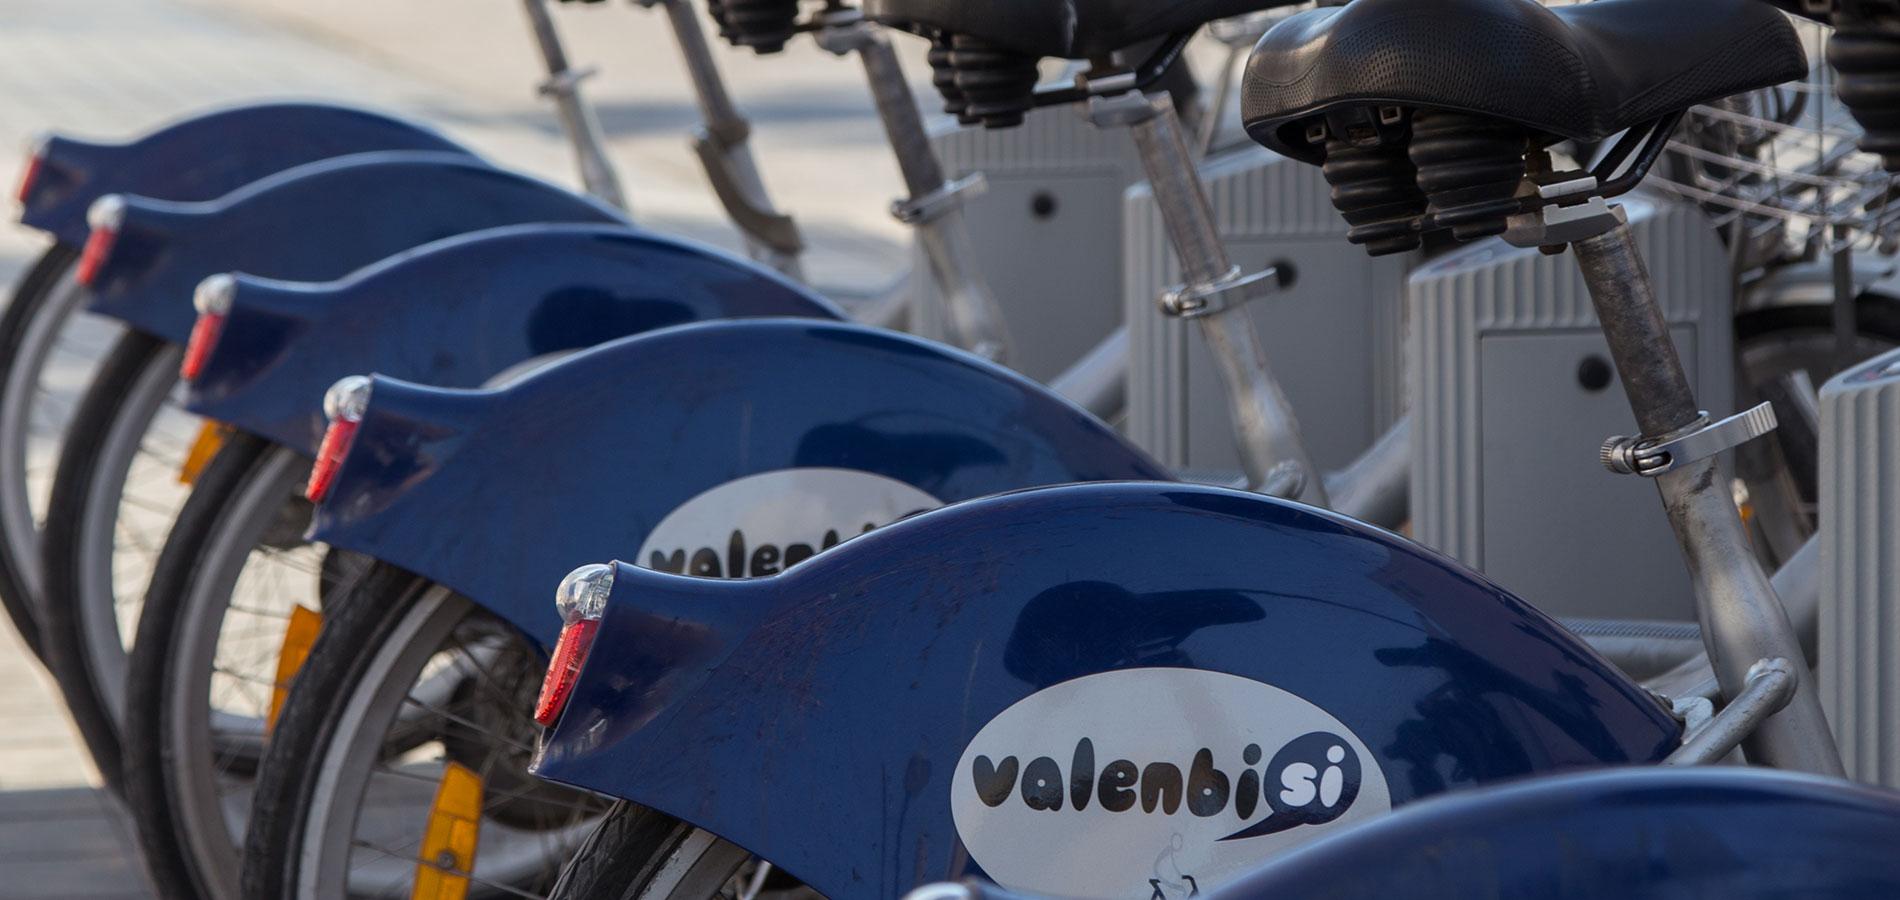 04-Entorno-Valenbisi